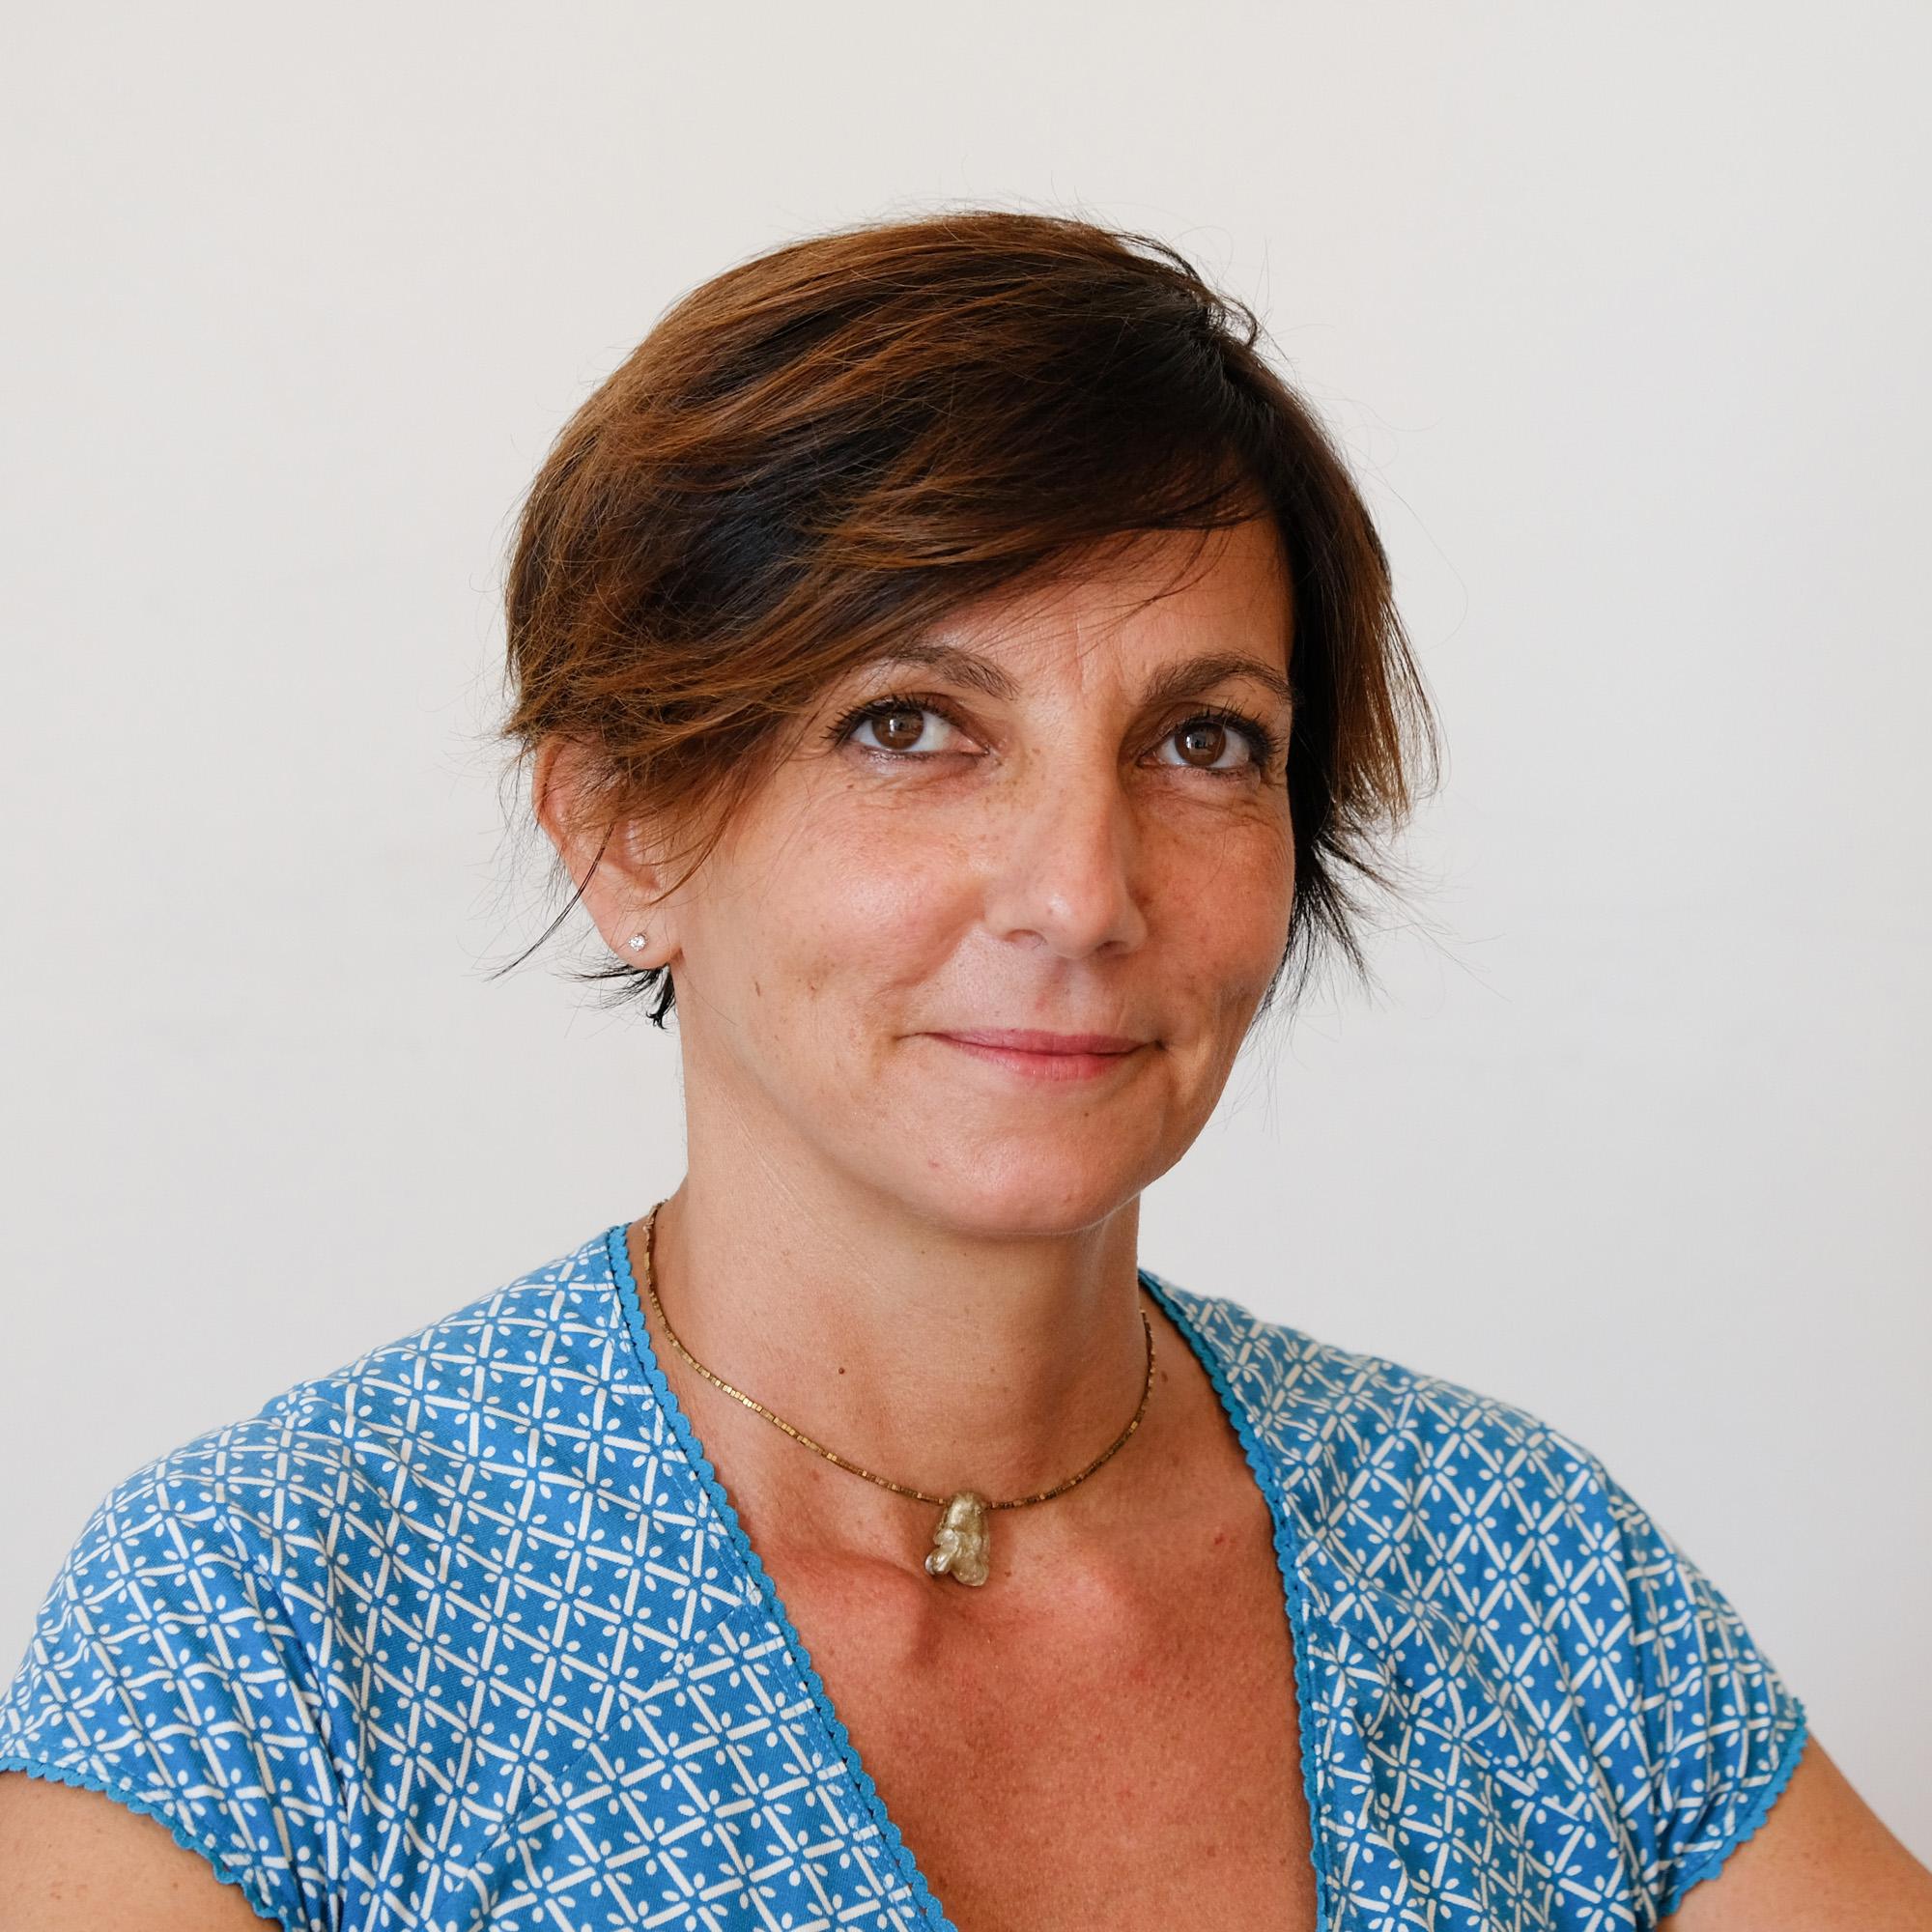 Mara Bertini